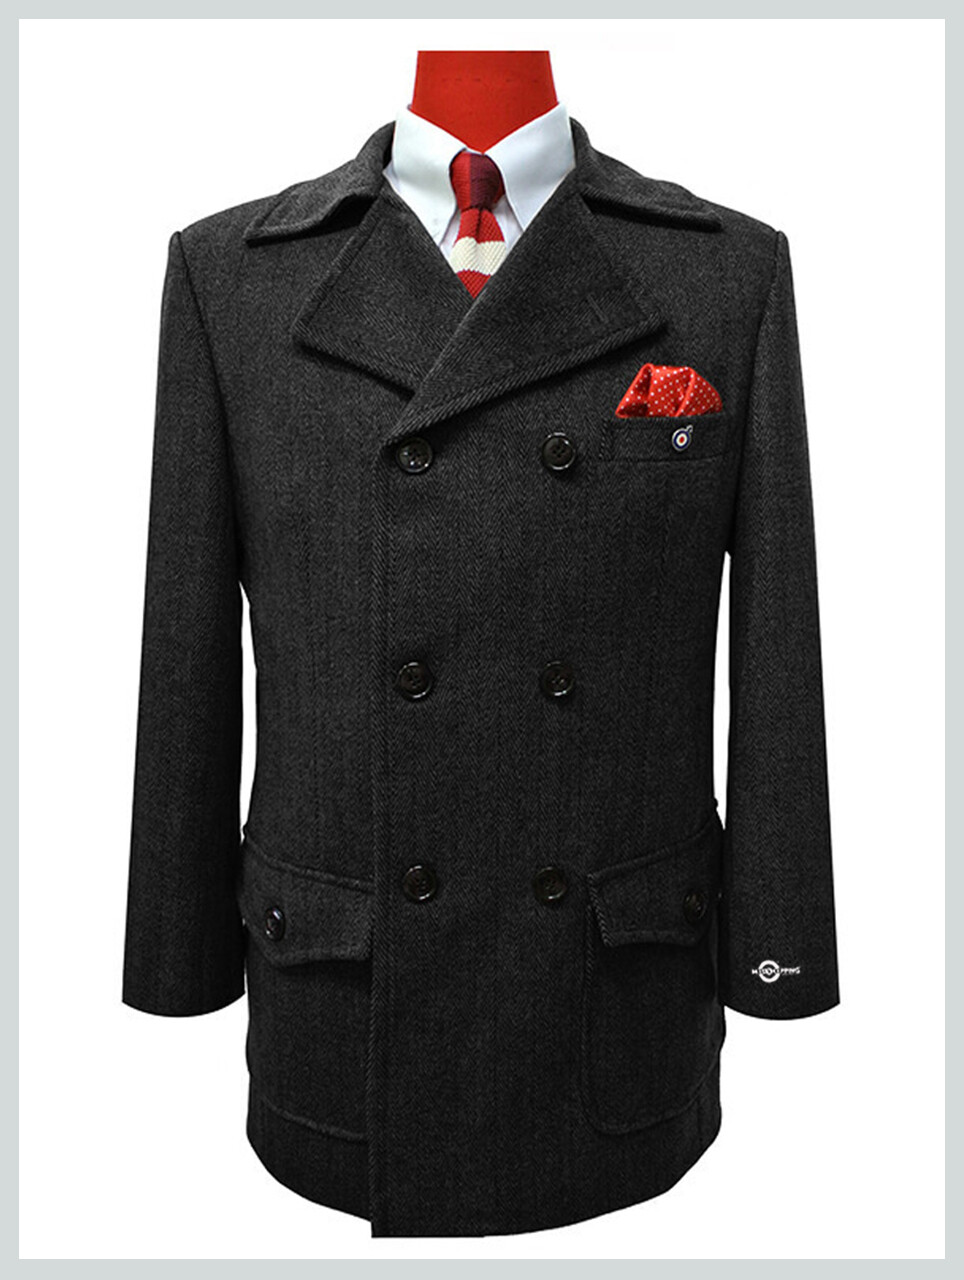 Pea Coat  Tailored Made 1960'S Retro Grey And Black Pea Coat Men's